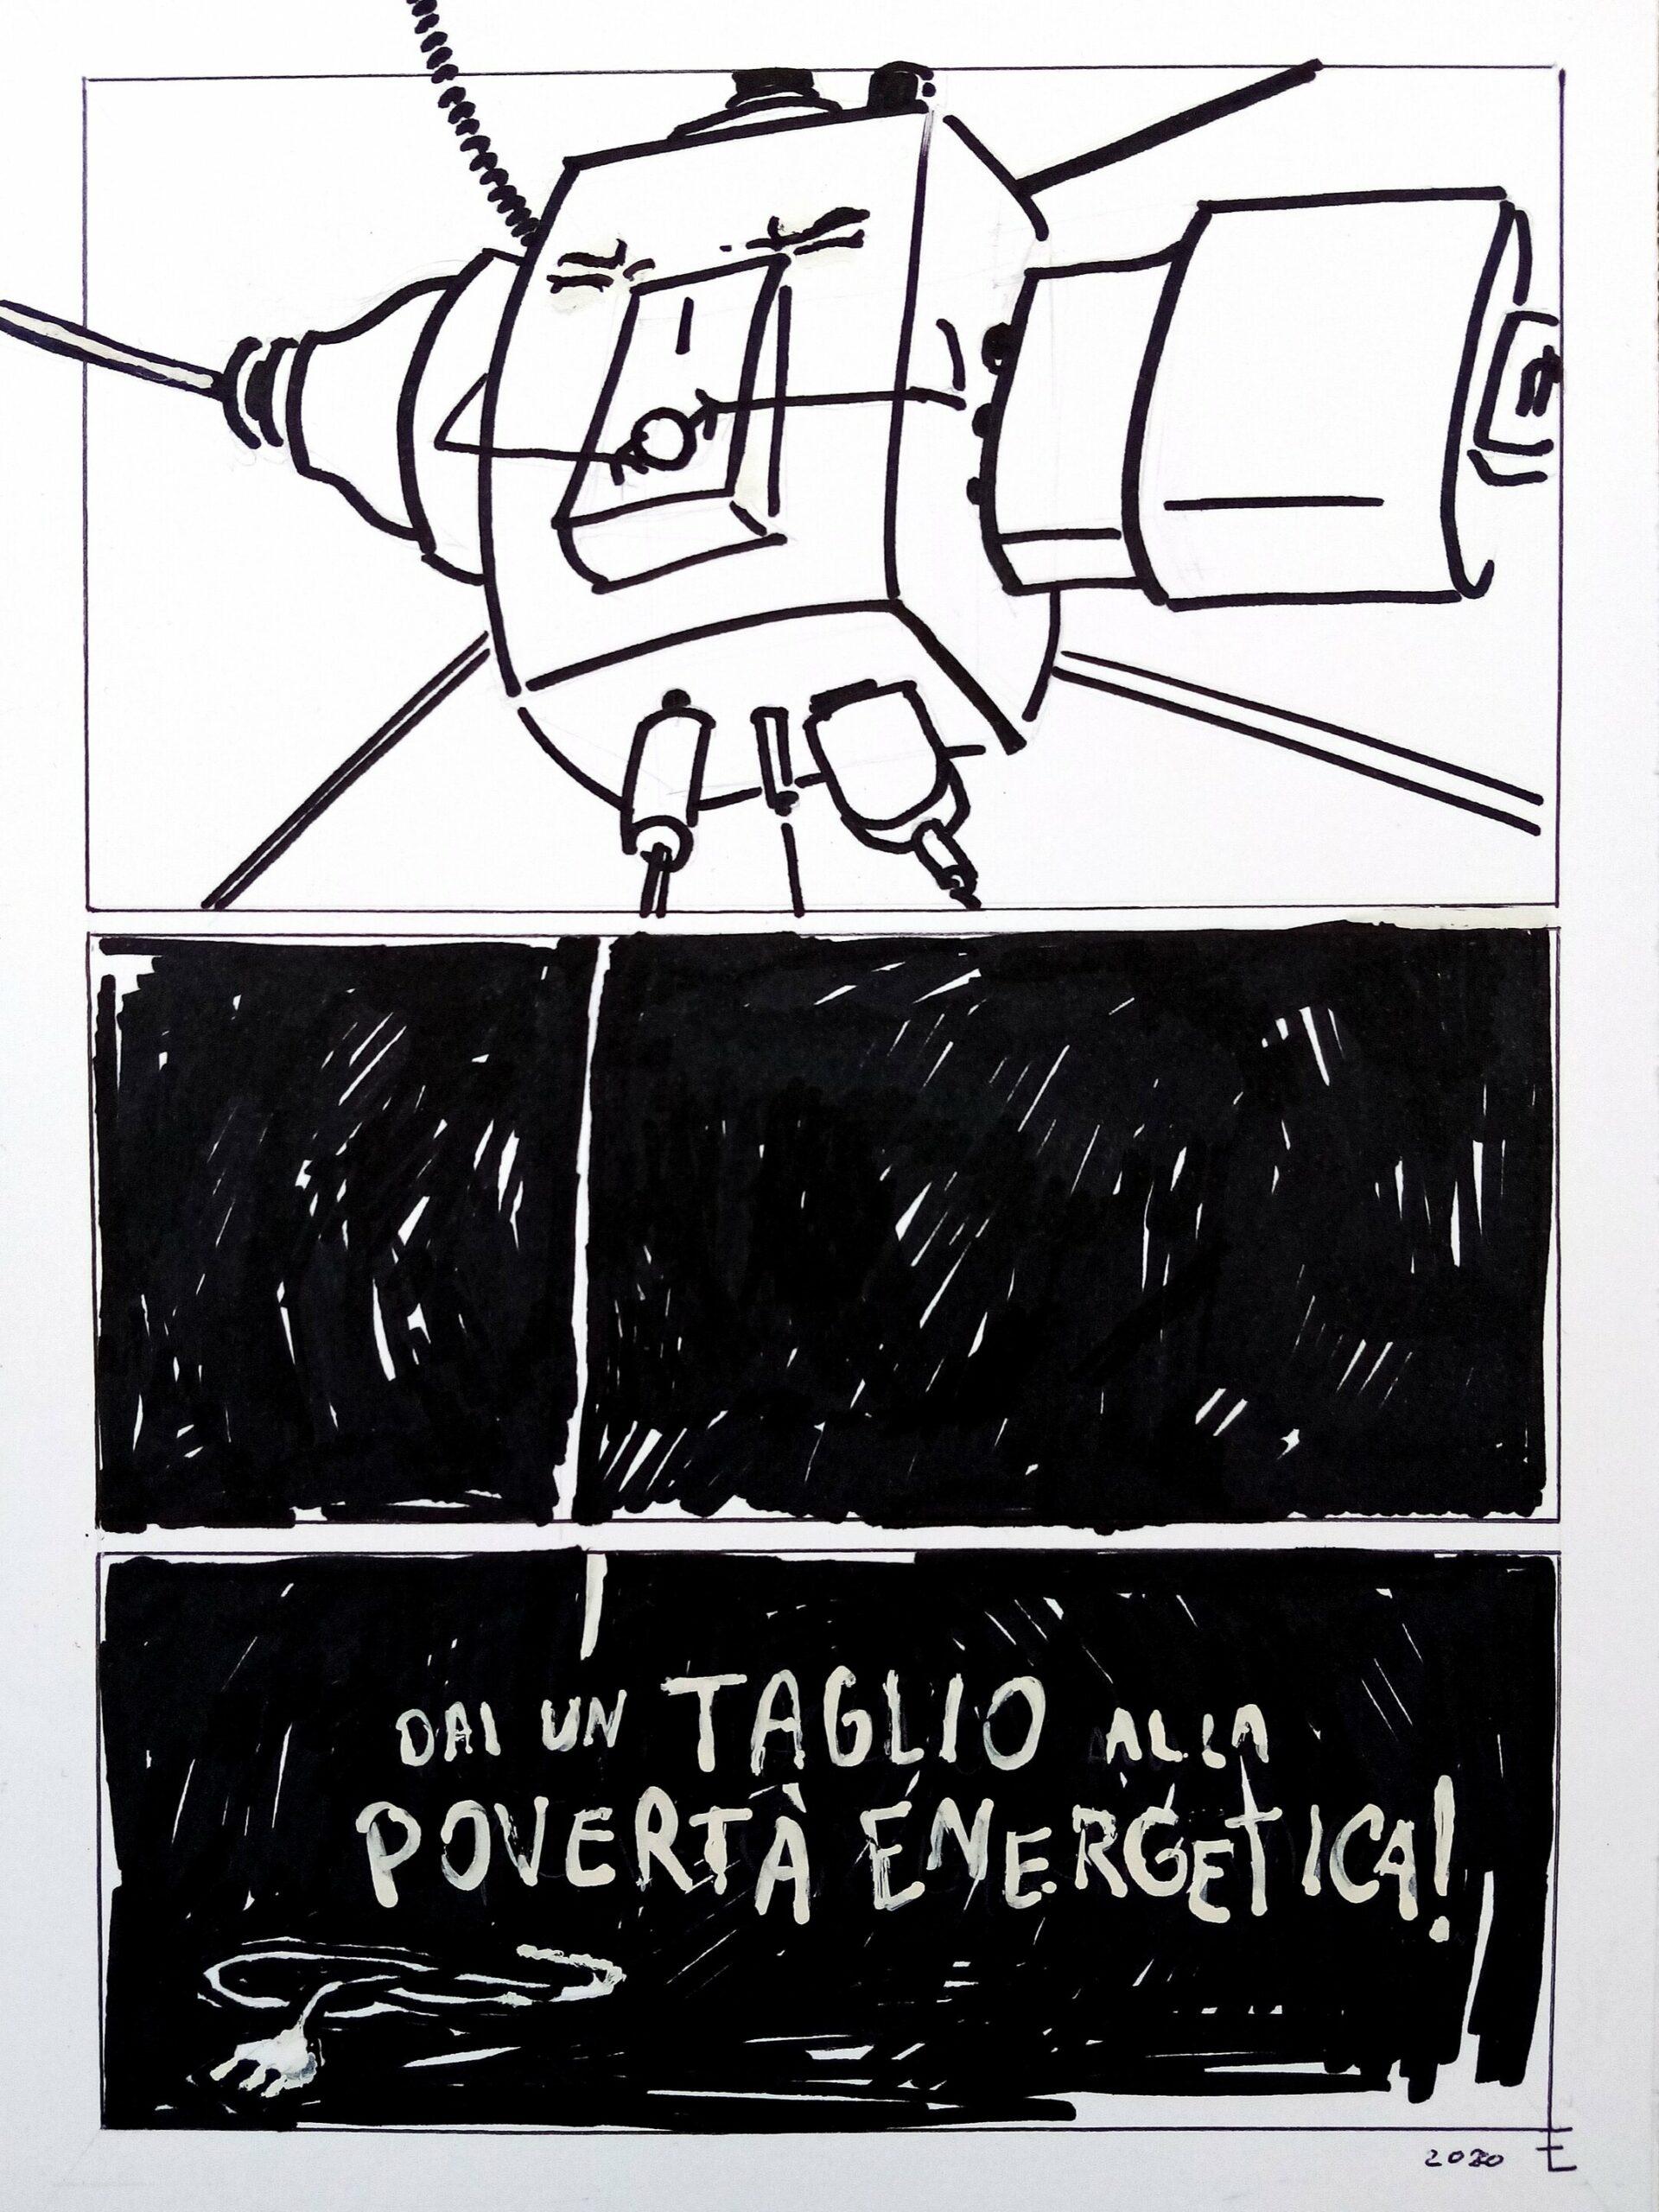 """Elisabetta Frassine IS IT IN THE BLACK Partecipante al concorso !""""Dai un taglio alla povertà energetica"""""""